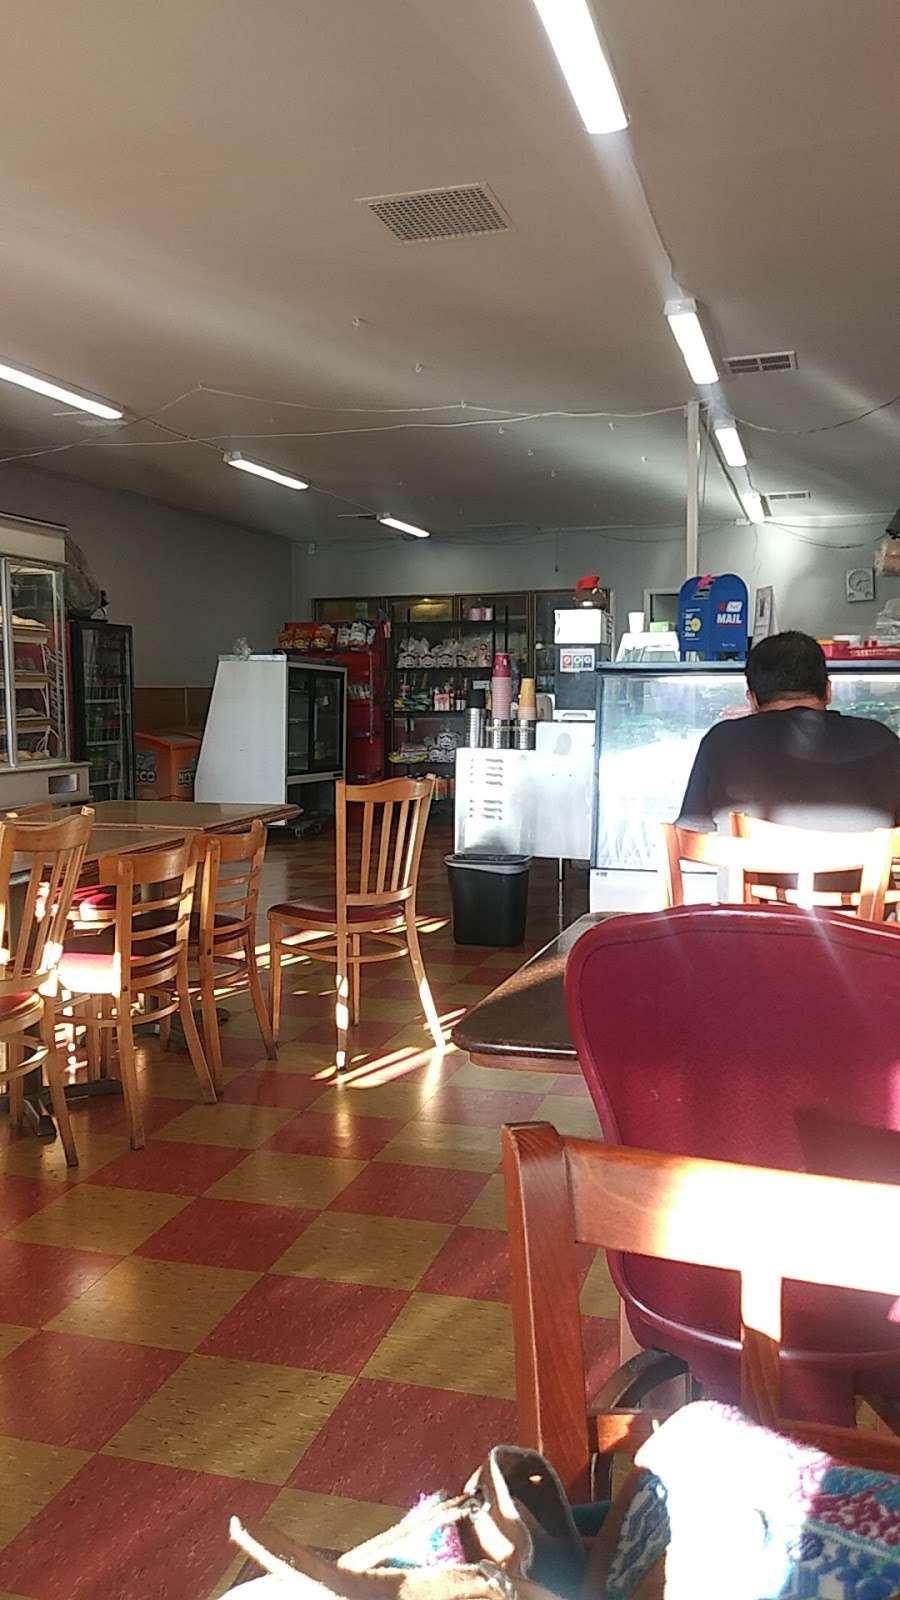 Bakery Taqueria Uno - bakery  | Photo 5 of 10 | Address: 36601 Newark Blvd #17, Newark, CA 94560, USA | Phone: (510) 494-0101